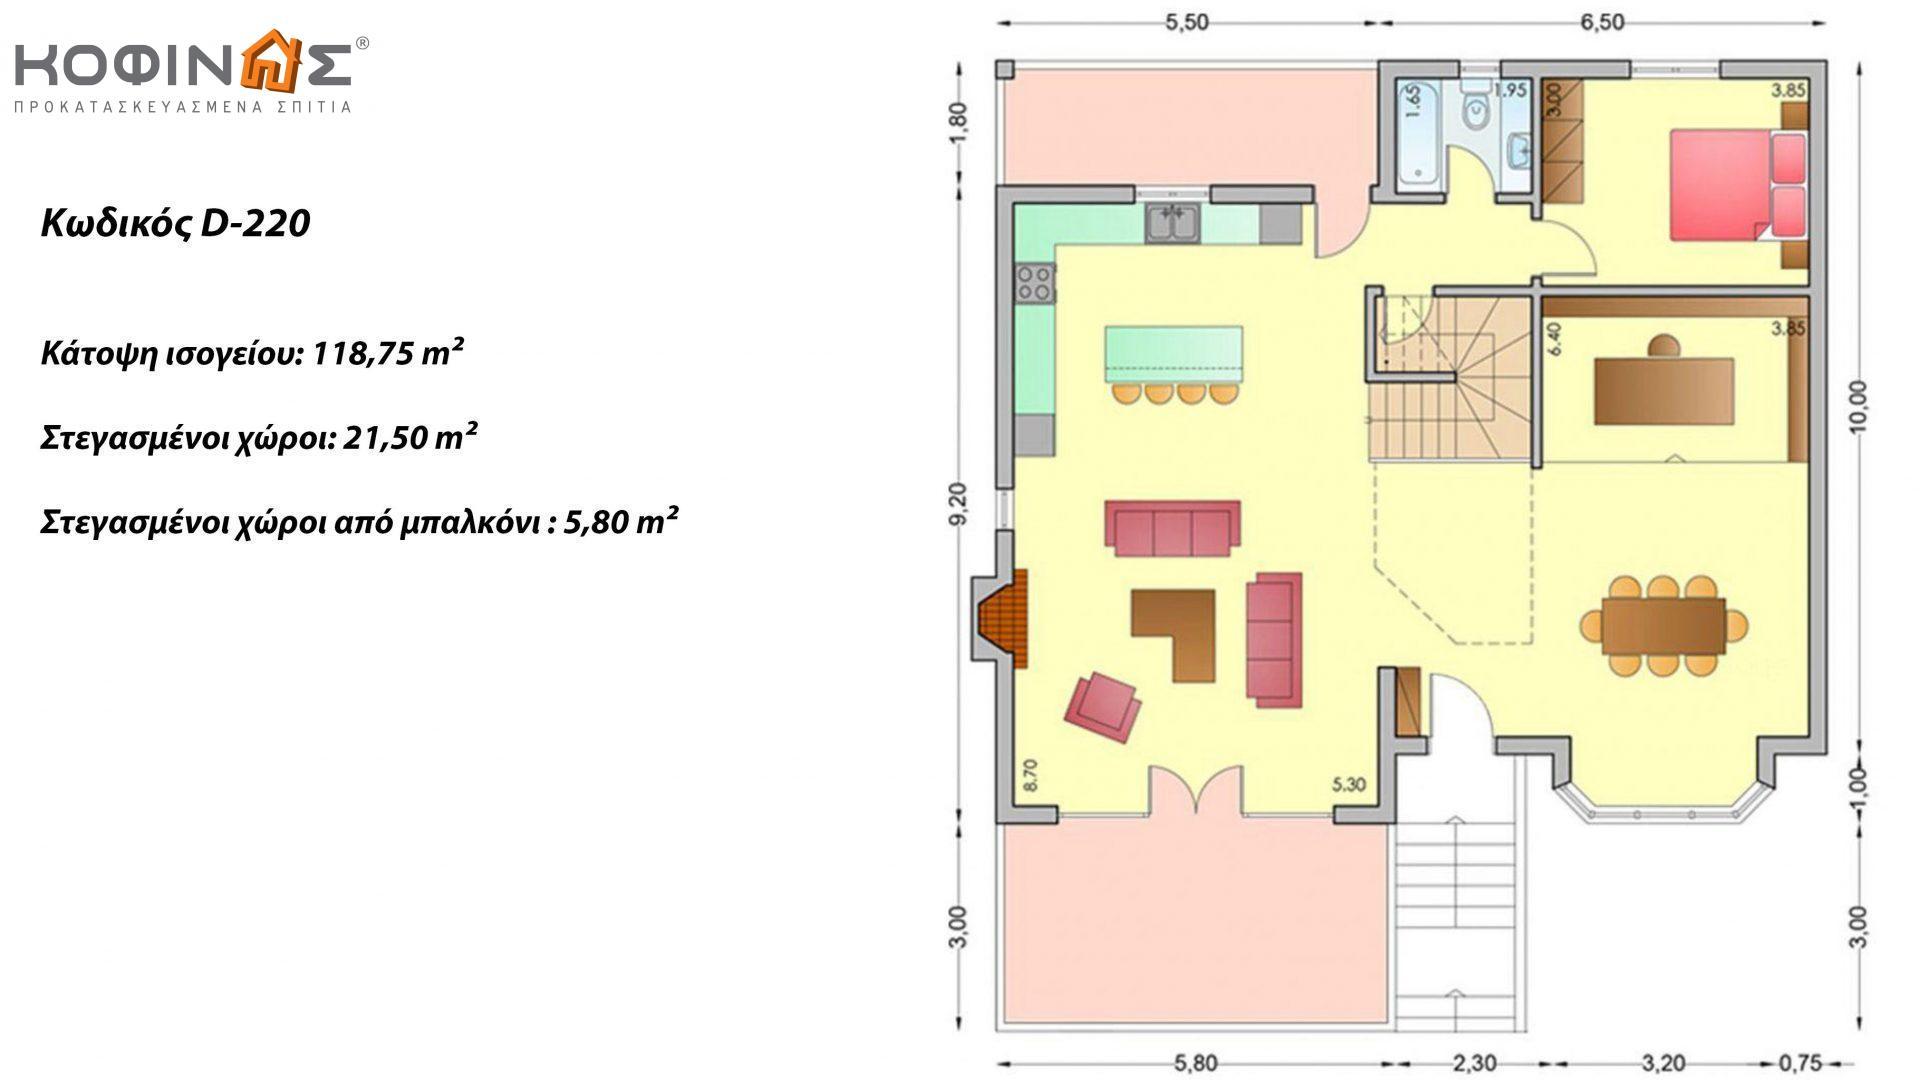 Διώροφη Κατοικία D-220, συνολικής επιφάνειας 220,70 τ.μ., συνολική επιφάνεια στεγασμένων χώρων 48.40 τ.μ., μπαλκόνια 21.10 τ.μ.